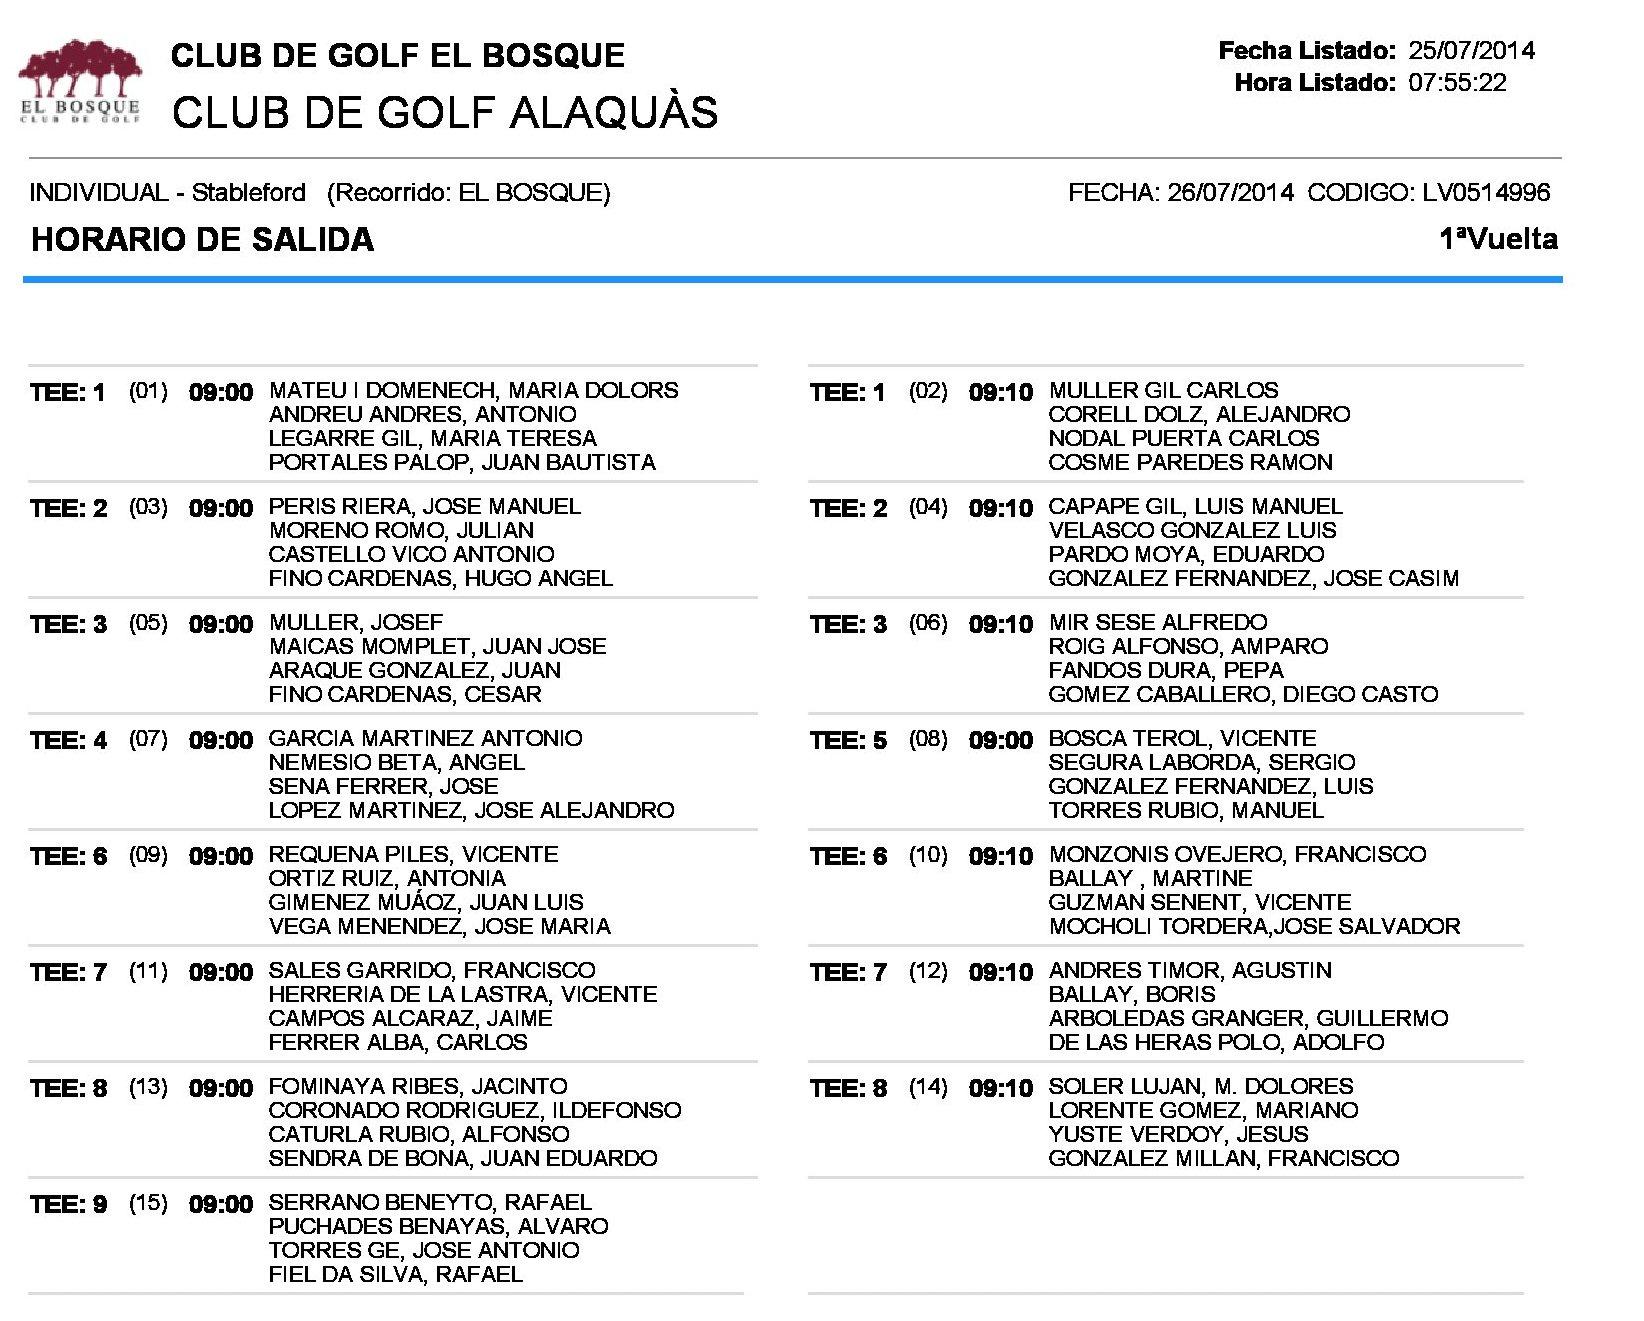 HORARIOS_CLUB_DE_GOLF_ALAQU_S_